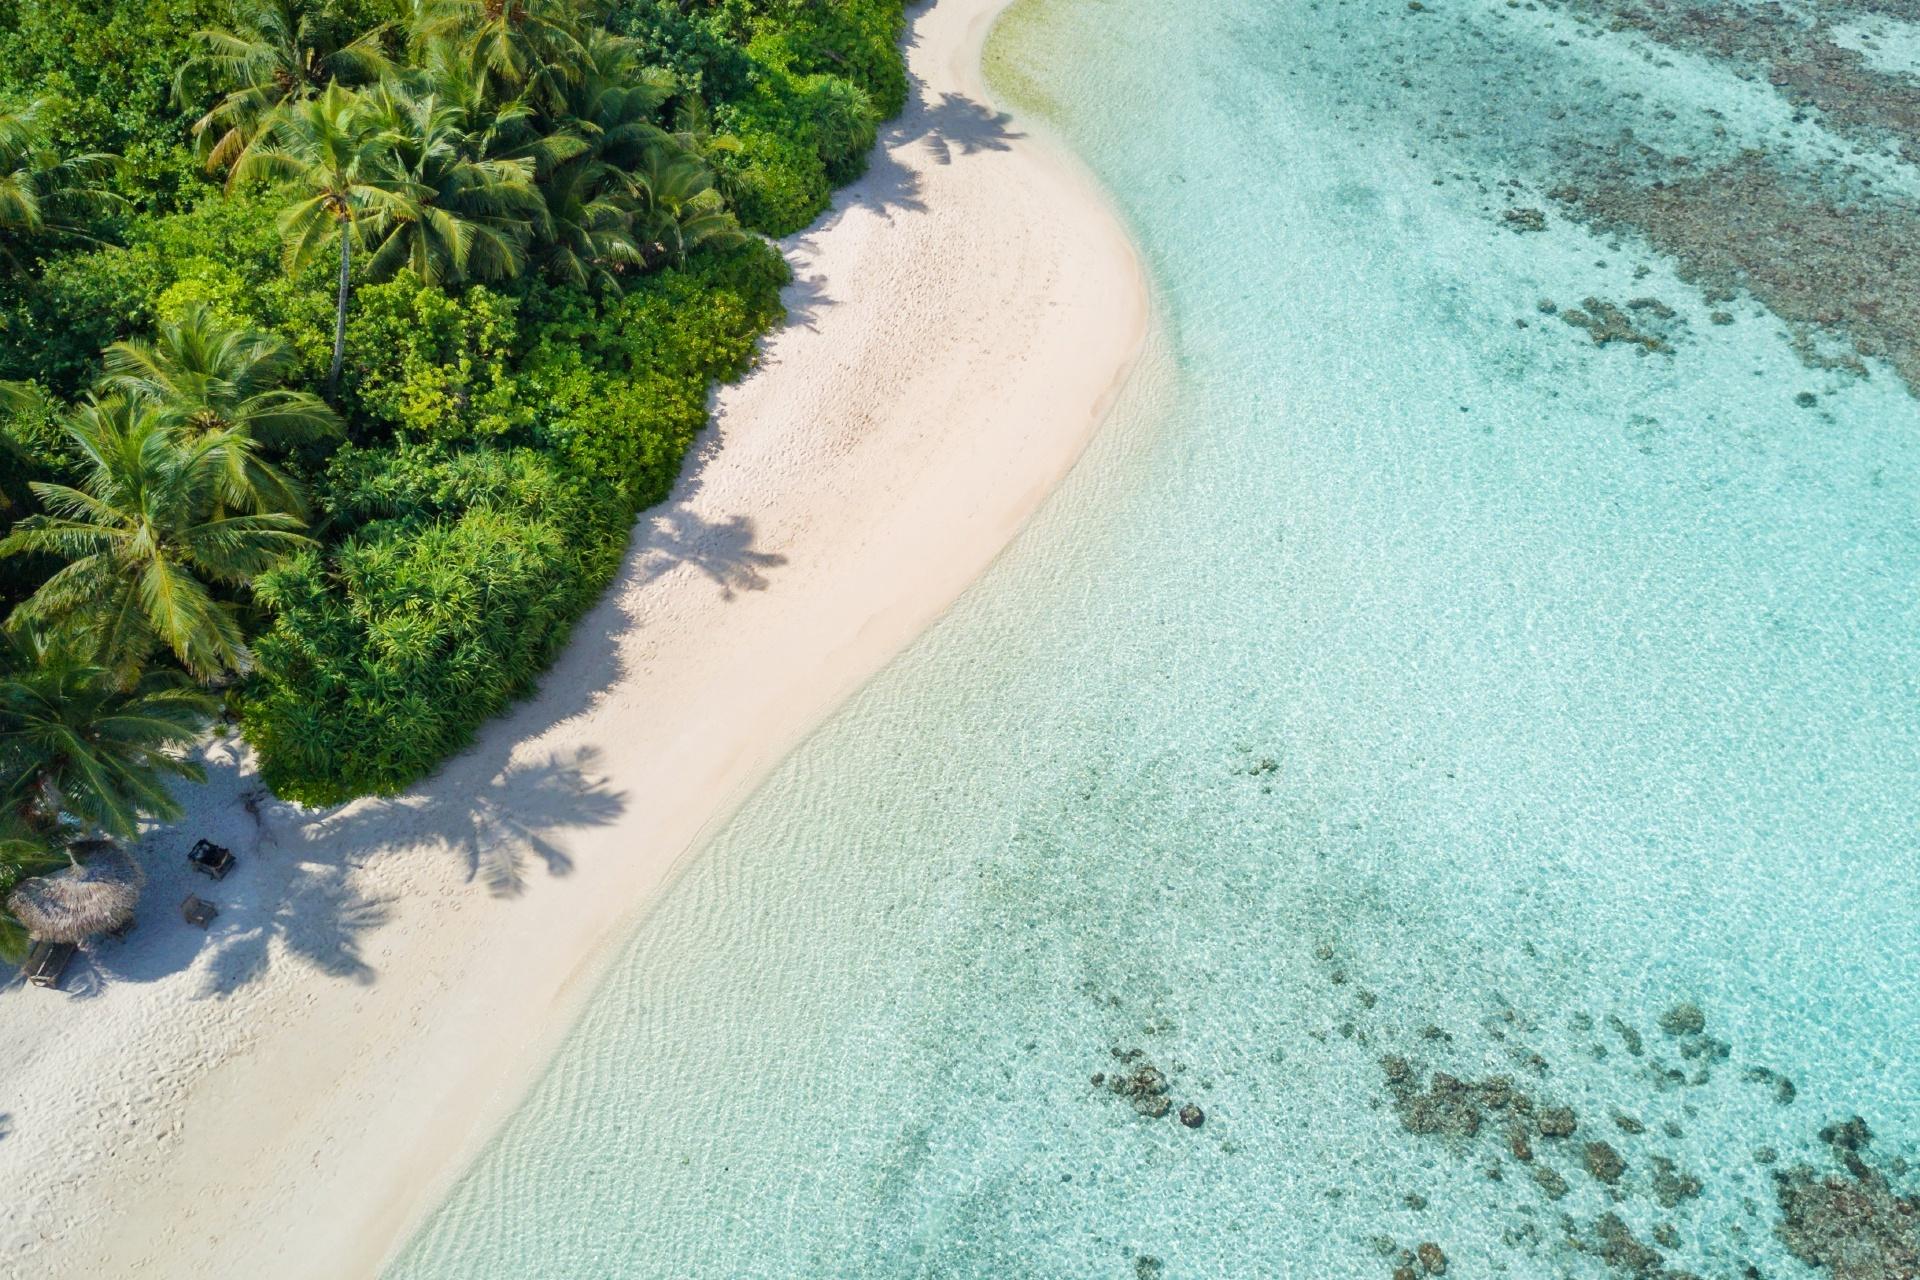 ヤシと白い砂浜と美しい海 モルディブの風景